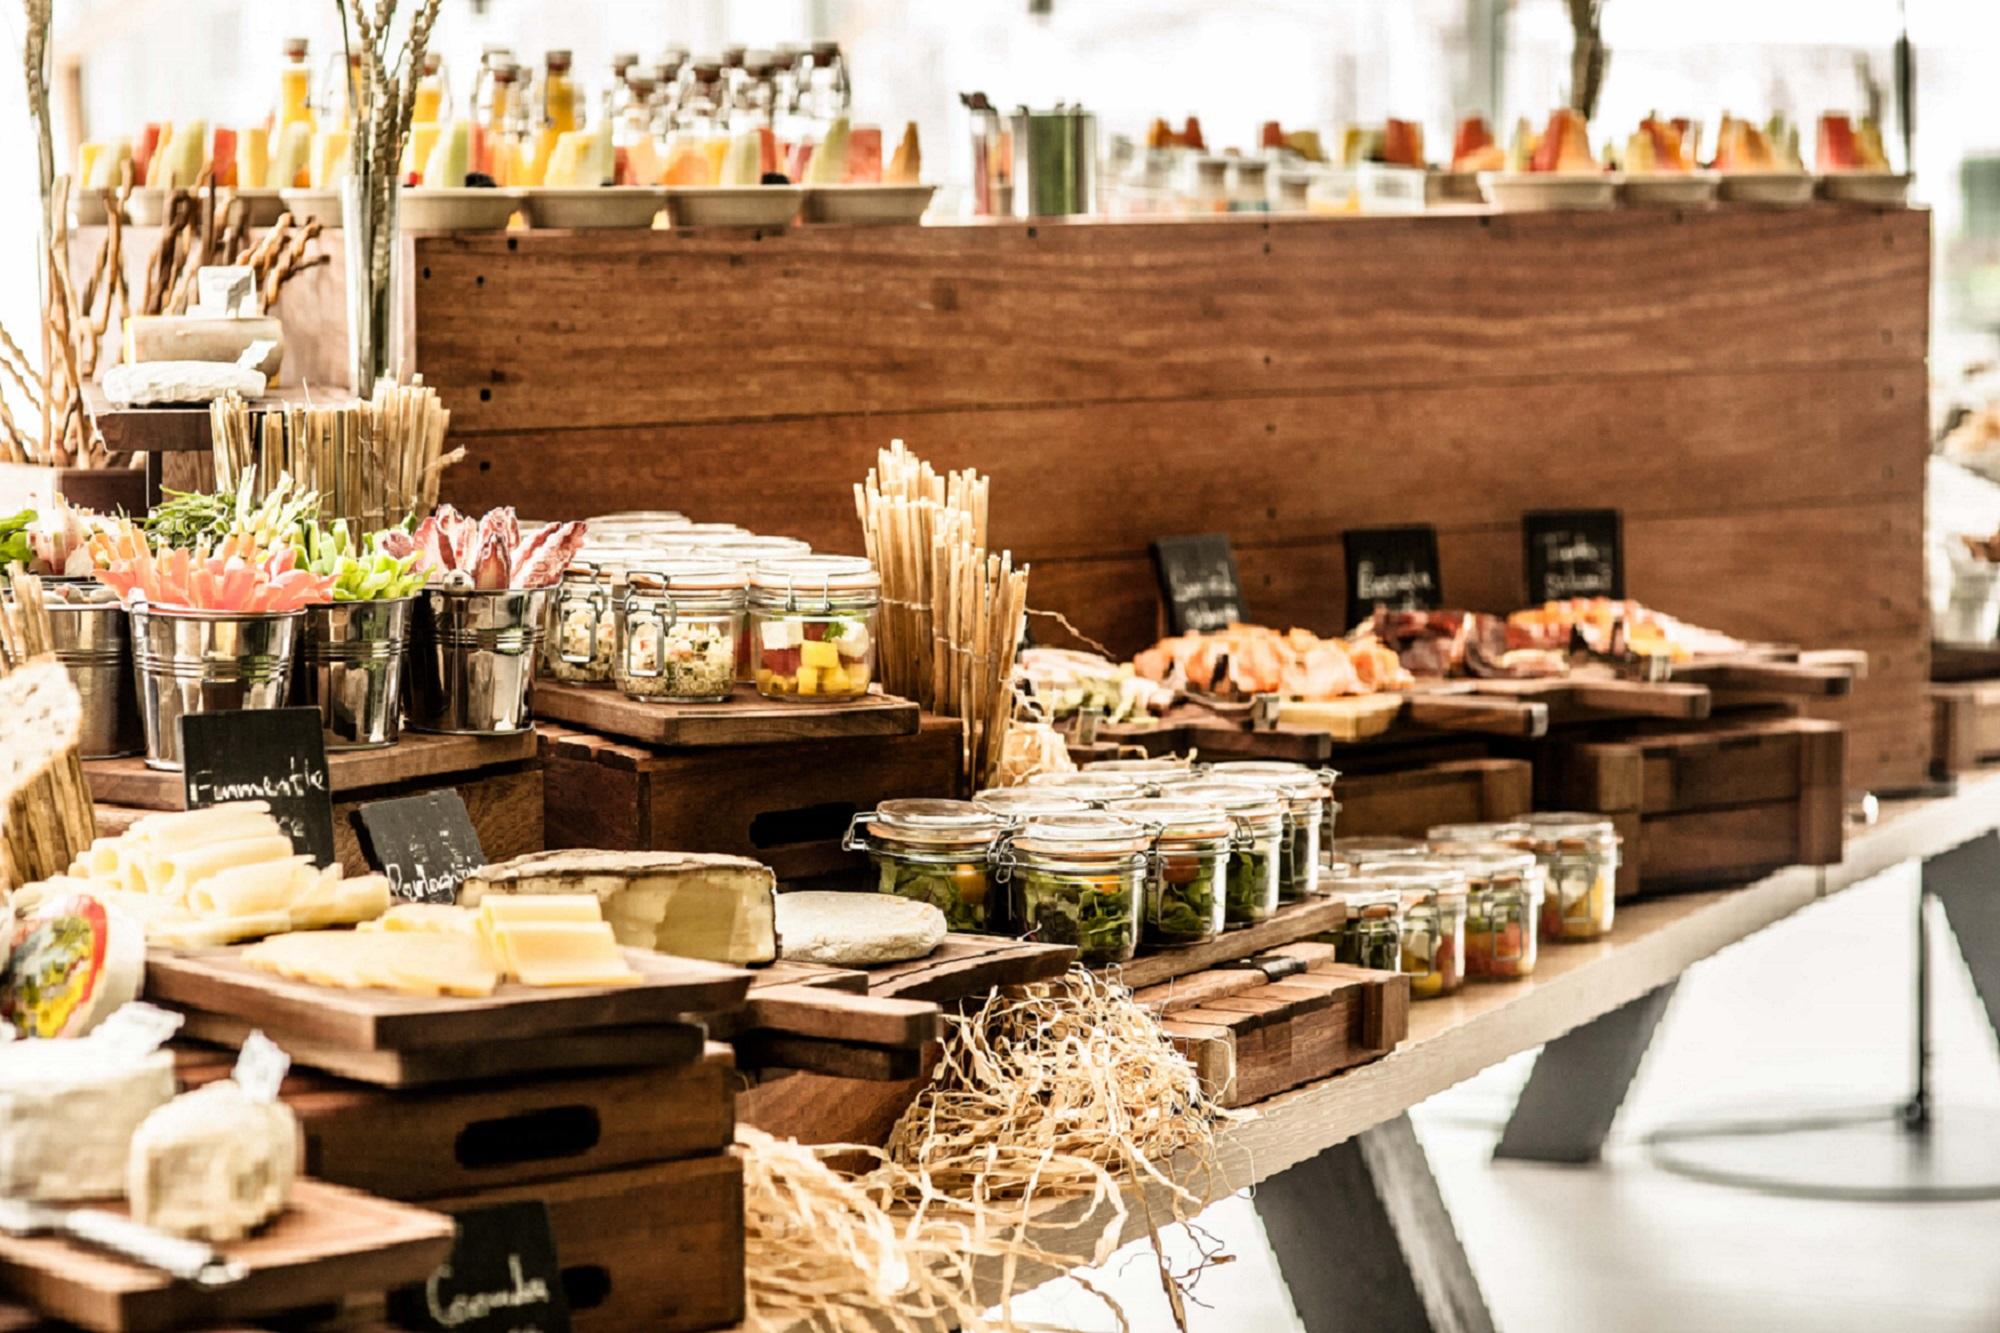 تمتع بتجربة أكثر تميزاً في مطعم ذا ديلي خلال عطل نهاية الأسبوع